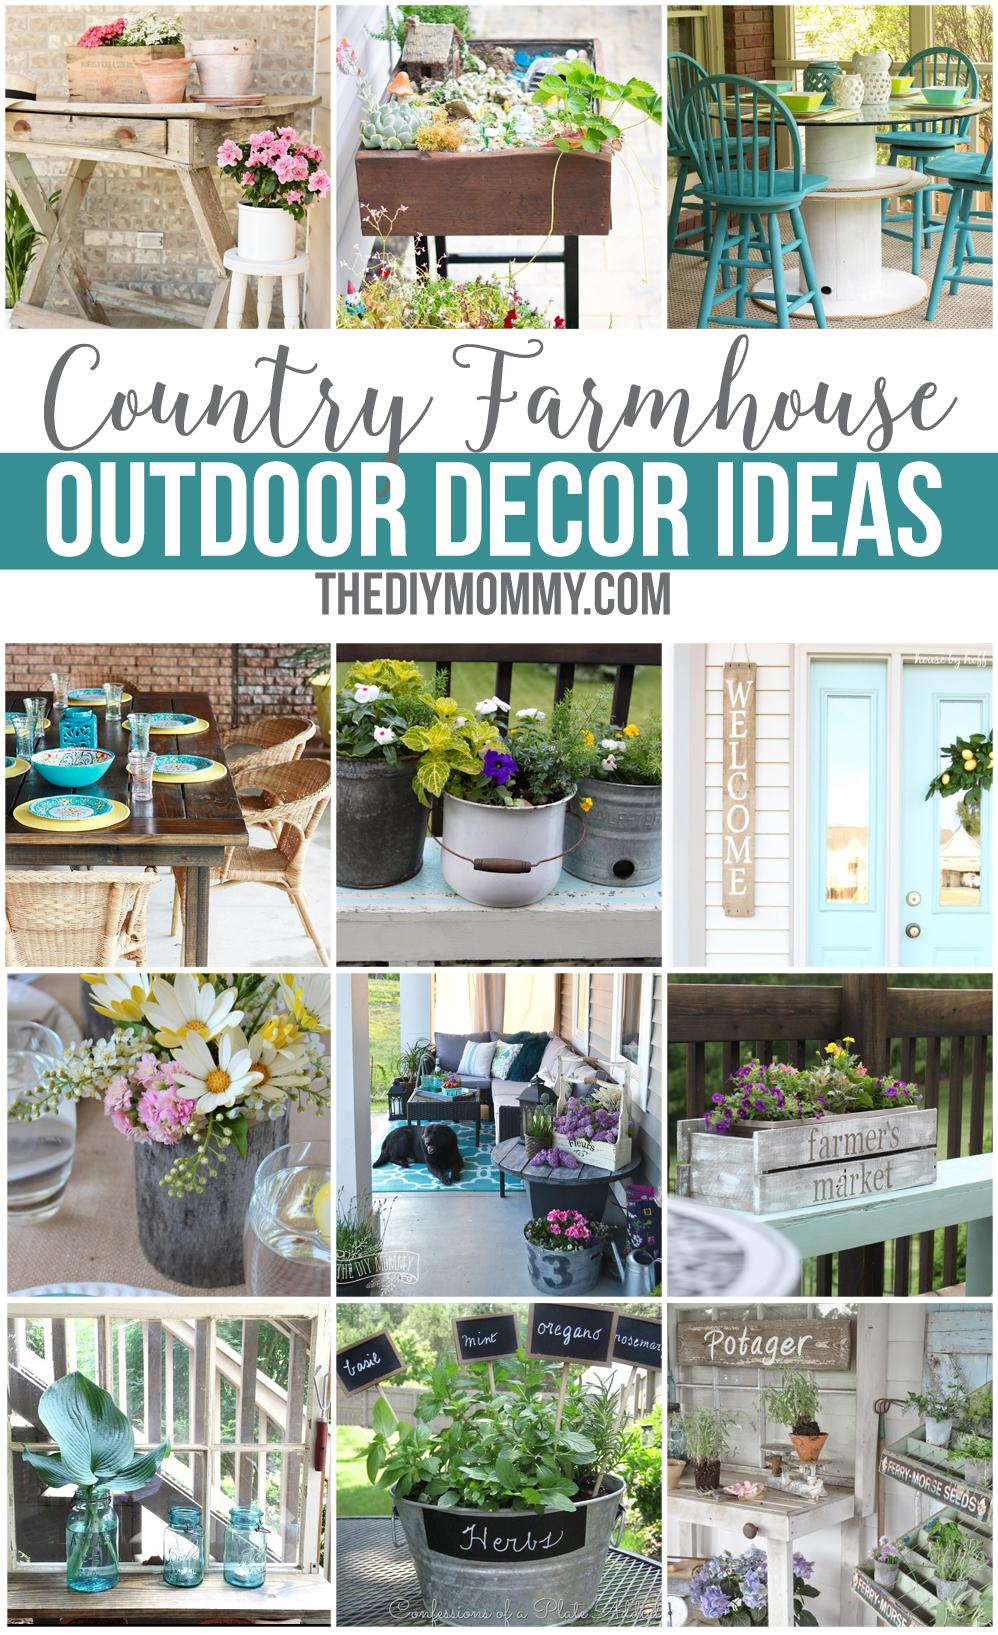 12 Gorgeous Country Farmhouse Outdoor Décor Ideas | The ... on Backyard Design Ideas Diy id=83860